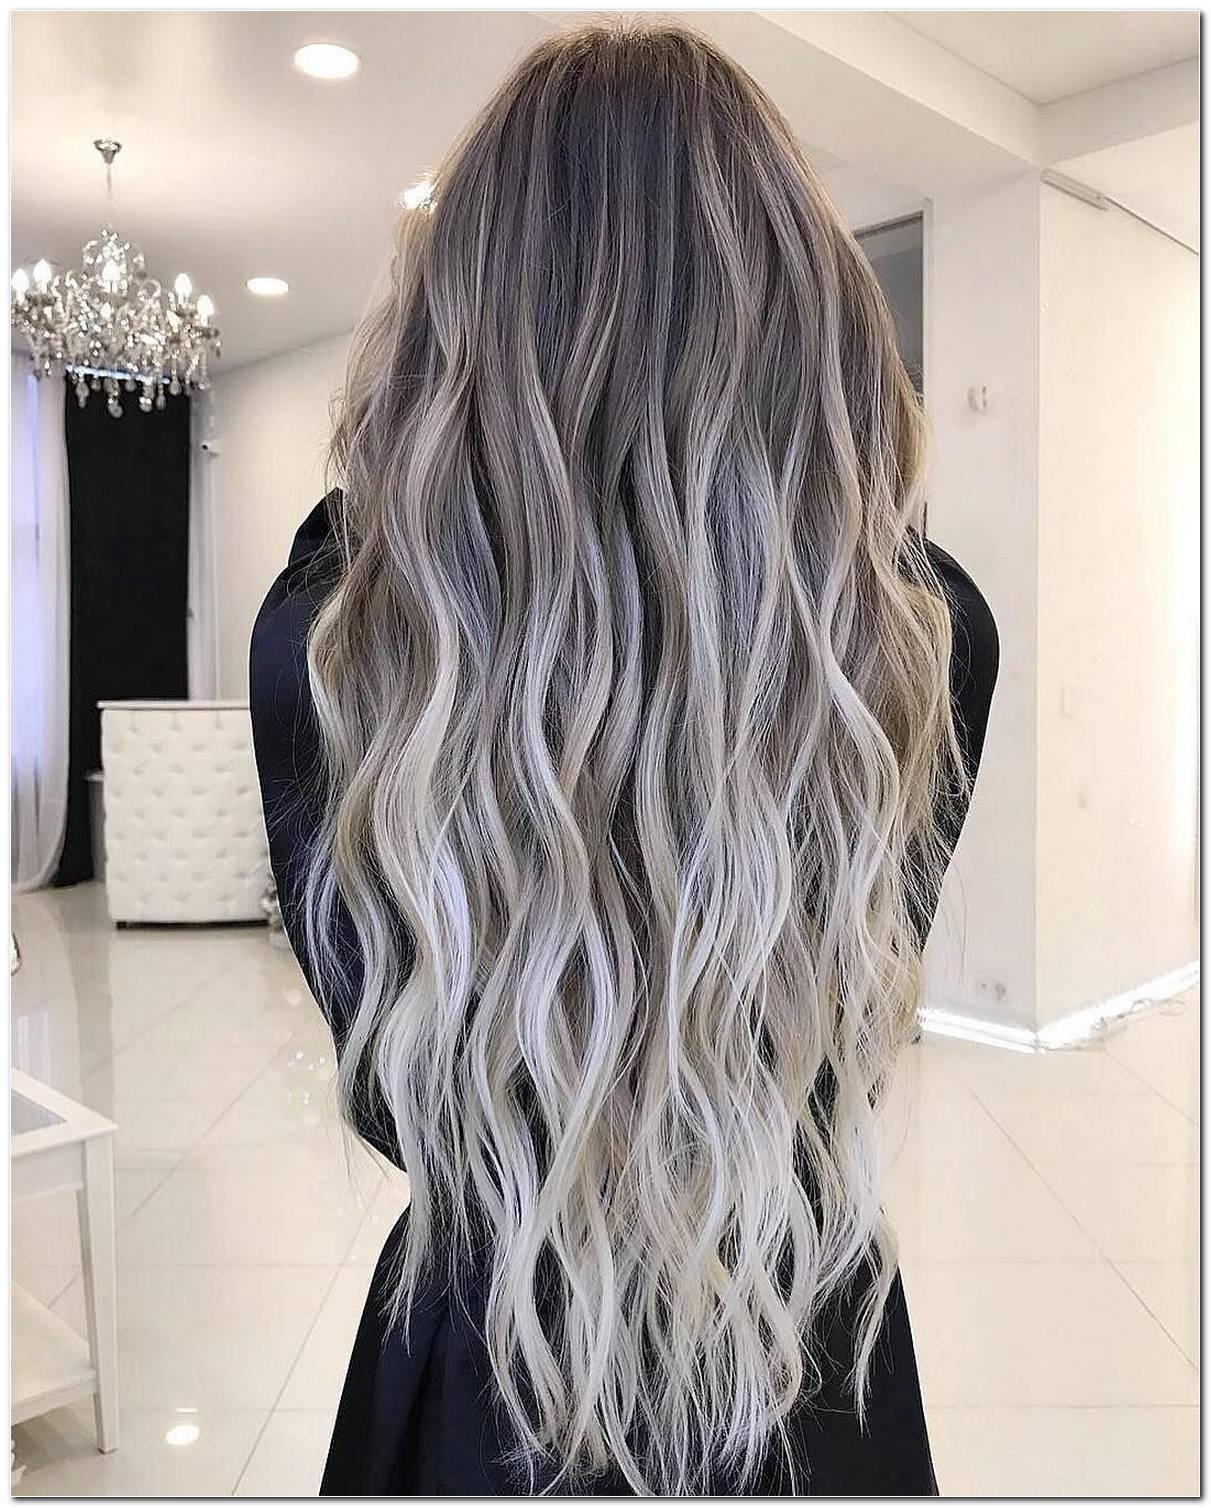 Frisuren Lange Haare Balayage